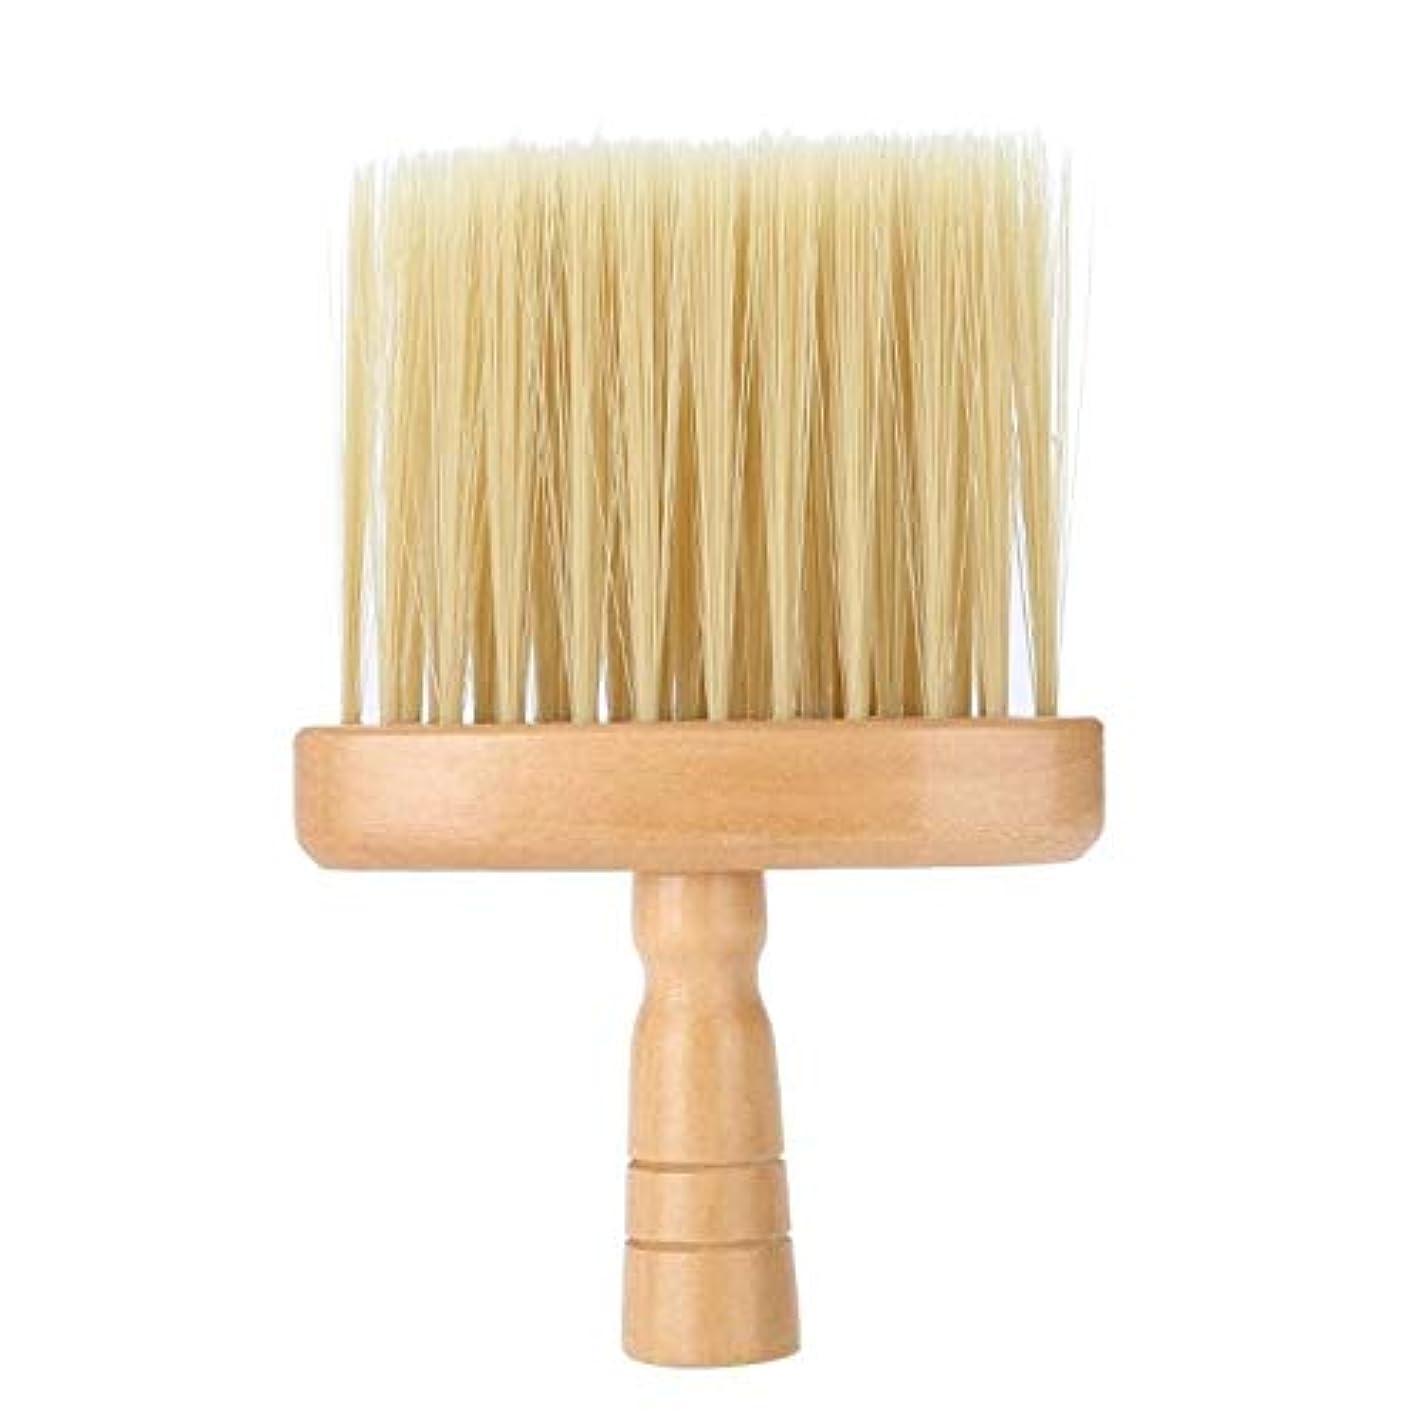 ピケ反発結婚髪くしブラシ ネック?フェイスダスターブラシ毛クリーニング木製スイープブラシヘアカット理髪髪クリーナーヘアブラシスイープくしツールサロン